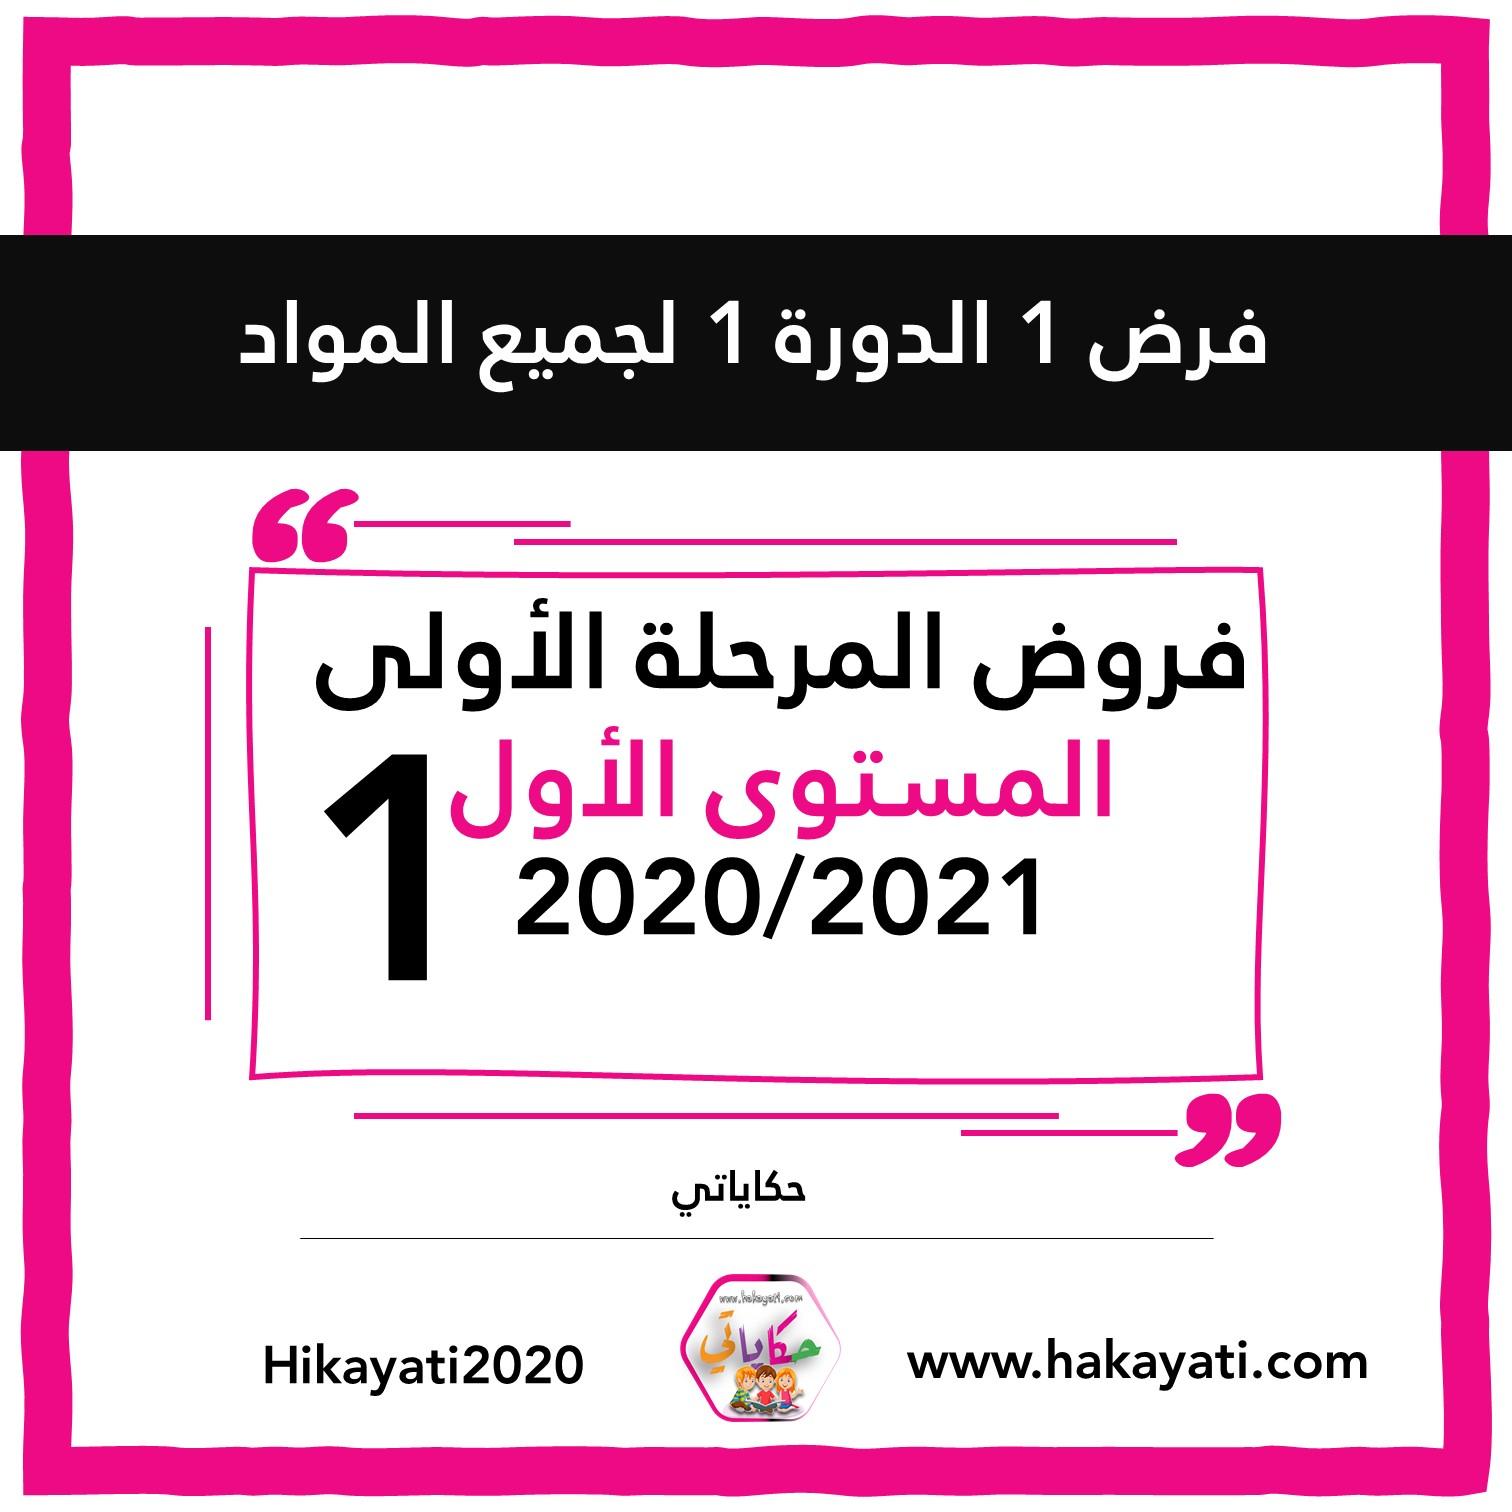 الفرض الأول 1 من الدورة الأولى 1 لجميع مواد المستوى الأول وفق المنهاج المنقح 2021-2020